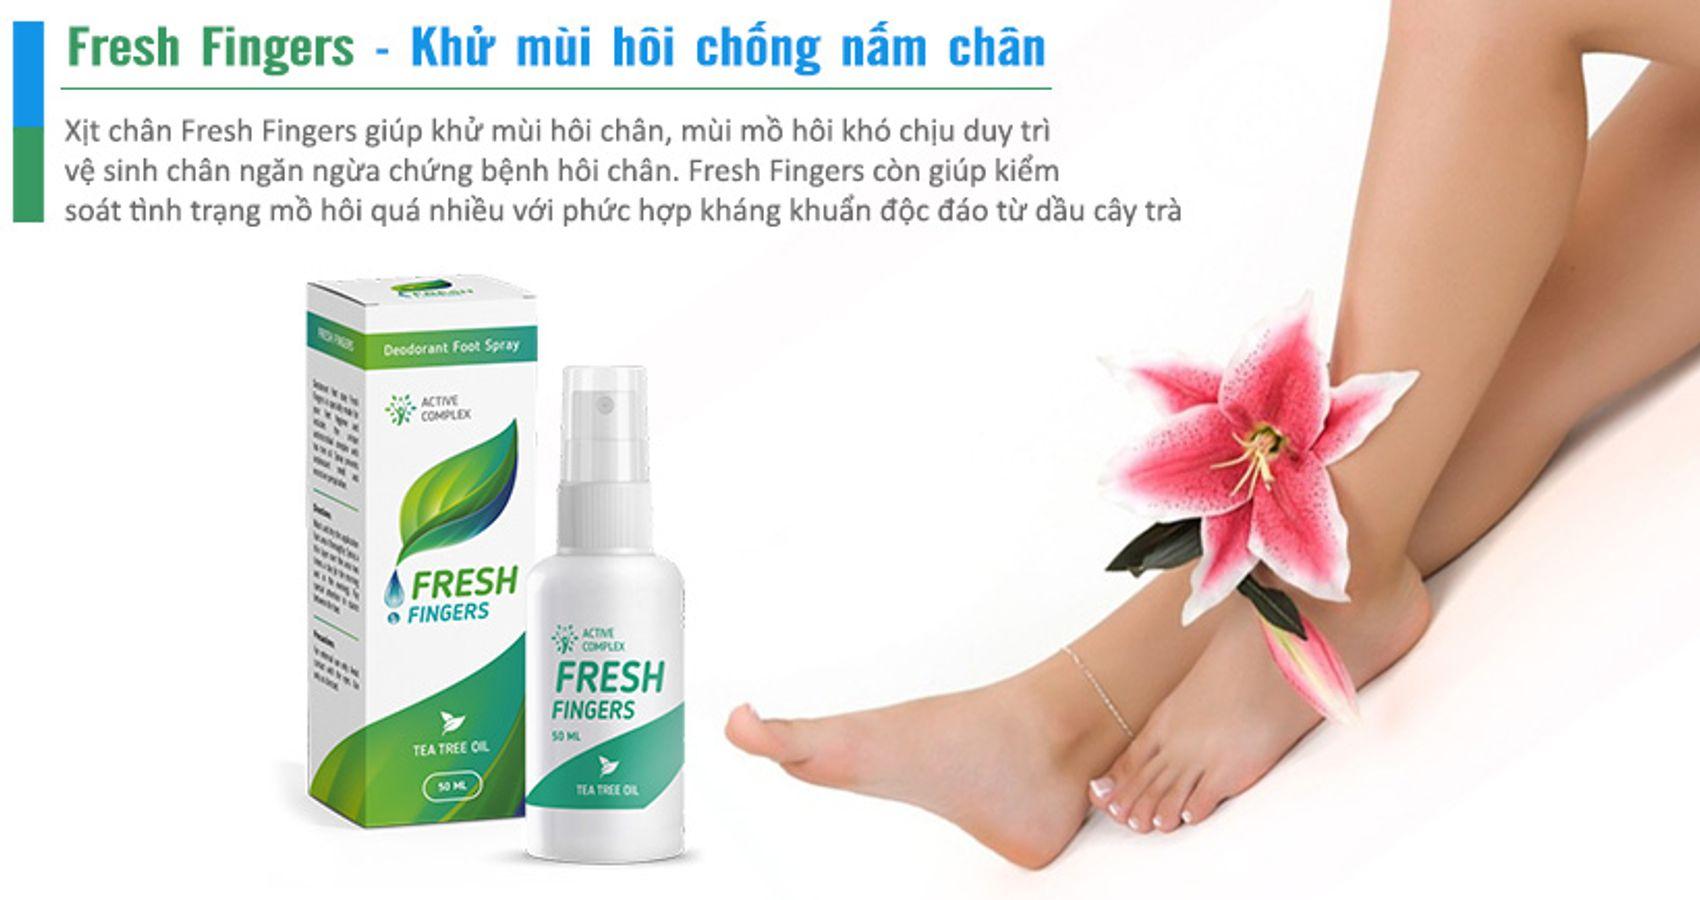 Xịt Khử Mùi Hôi Chân, Chống Nấm Fresh Fingers